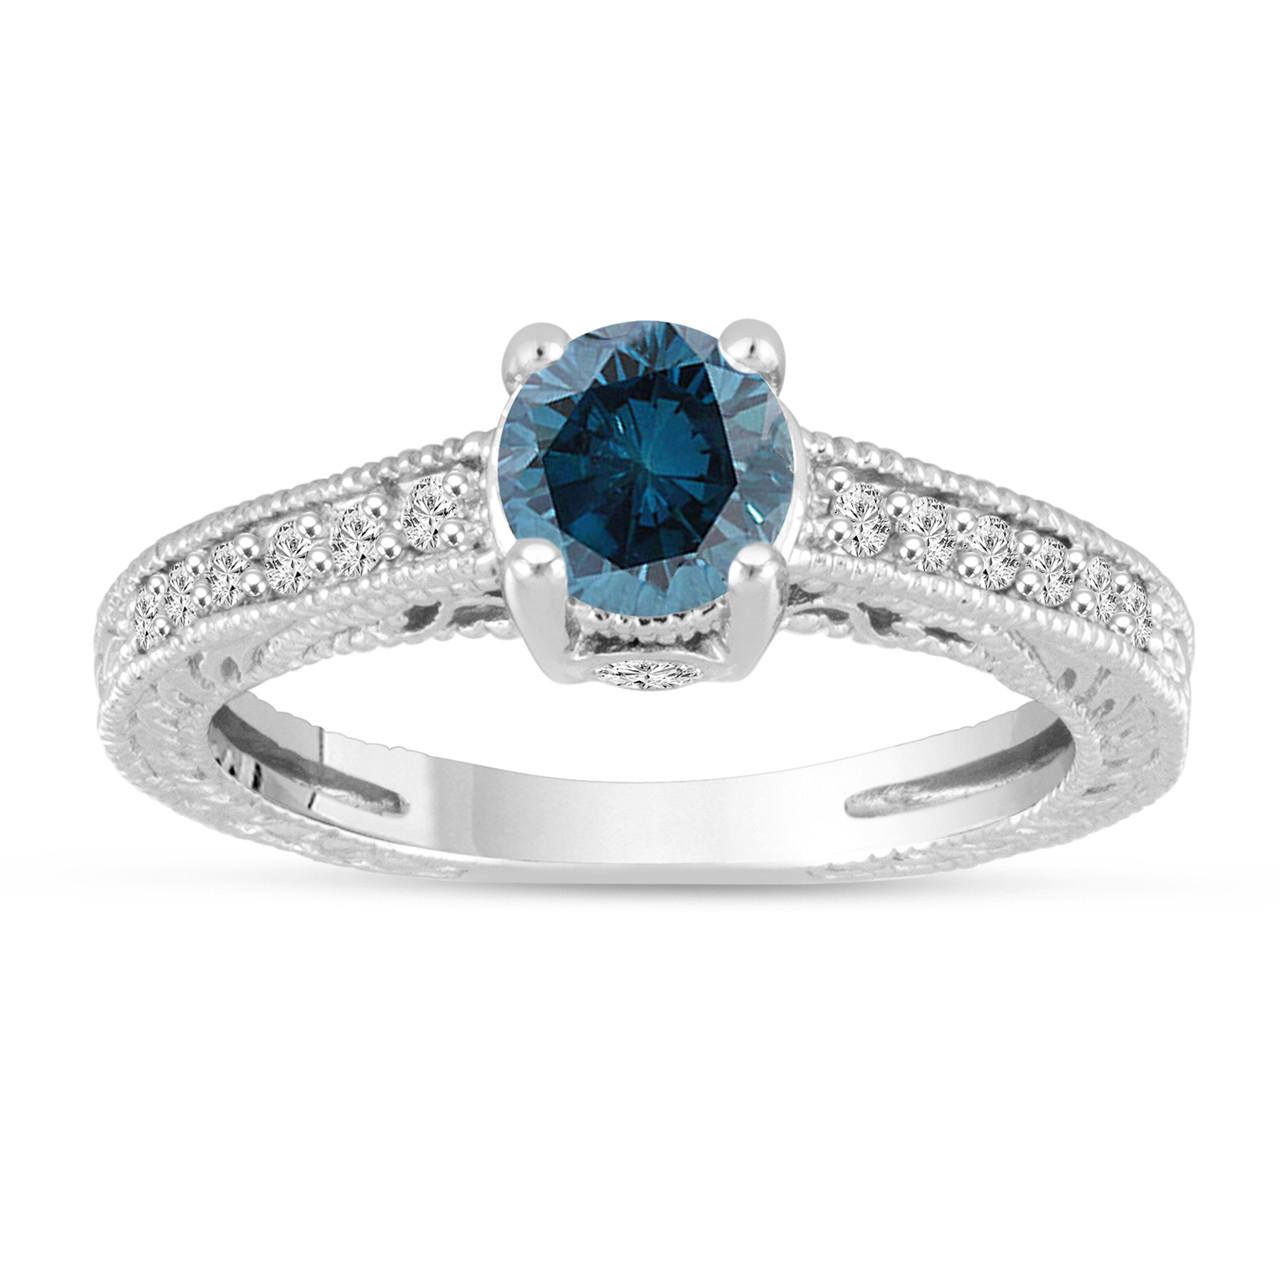 Engagement Rings Vintage Style: Platinum Blue Diamond Engagement Ring, Vintage Unique